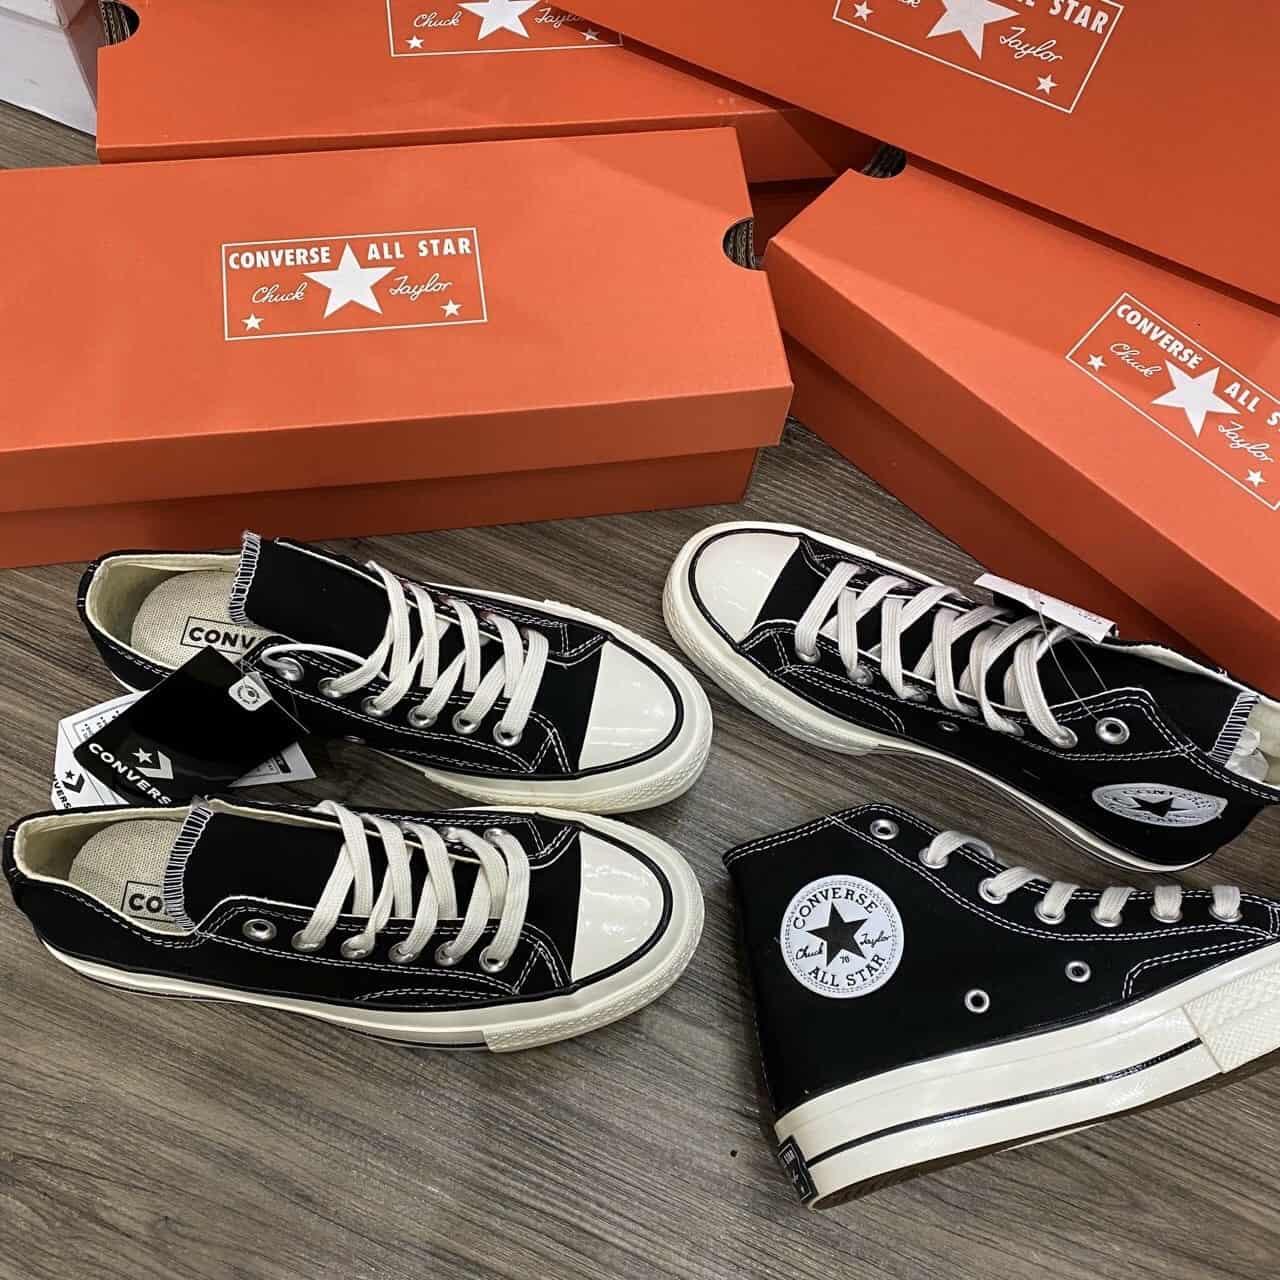 Converse Classic là một trong những mẫu giày Converse đẹp nhất